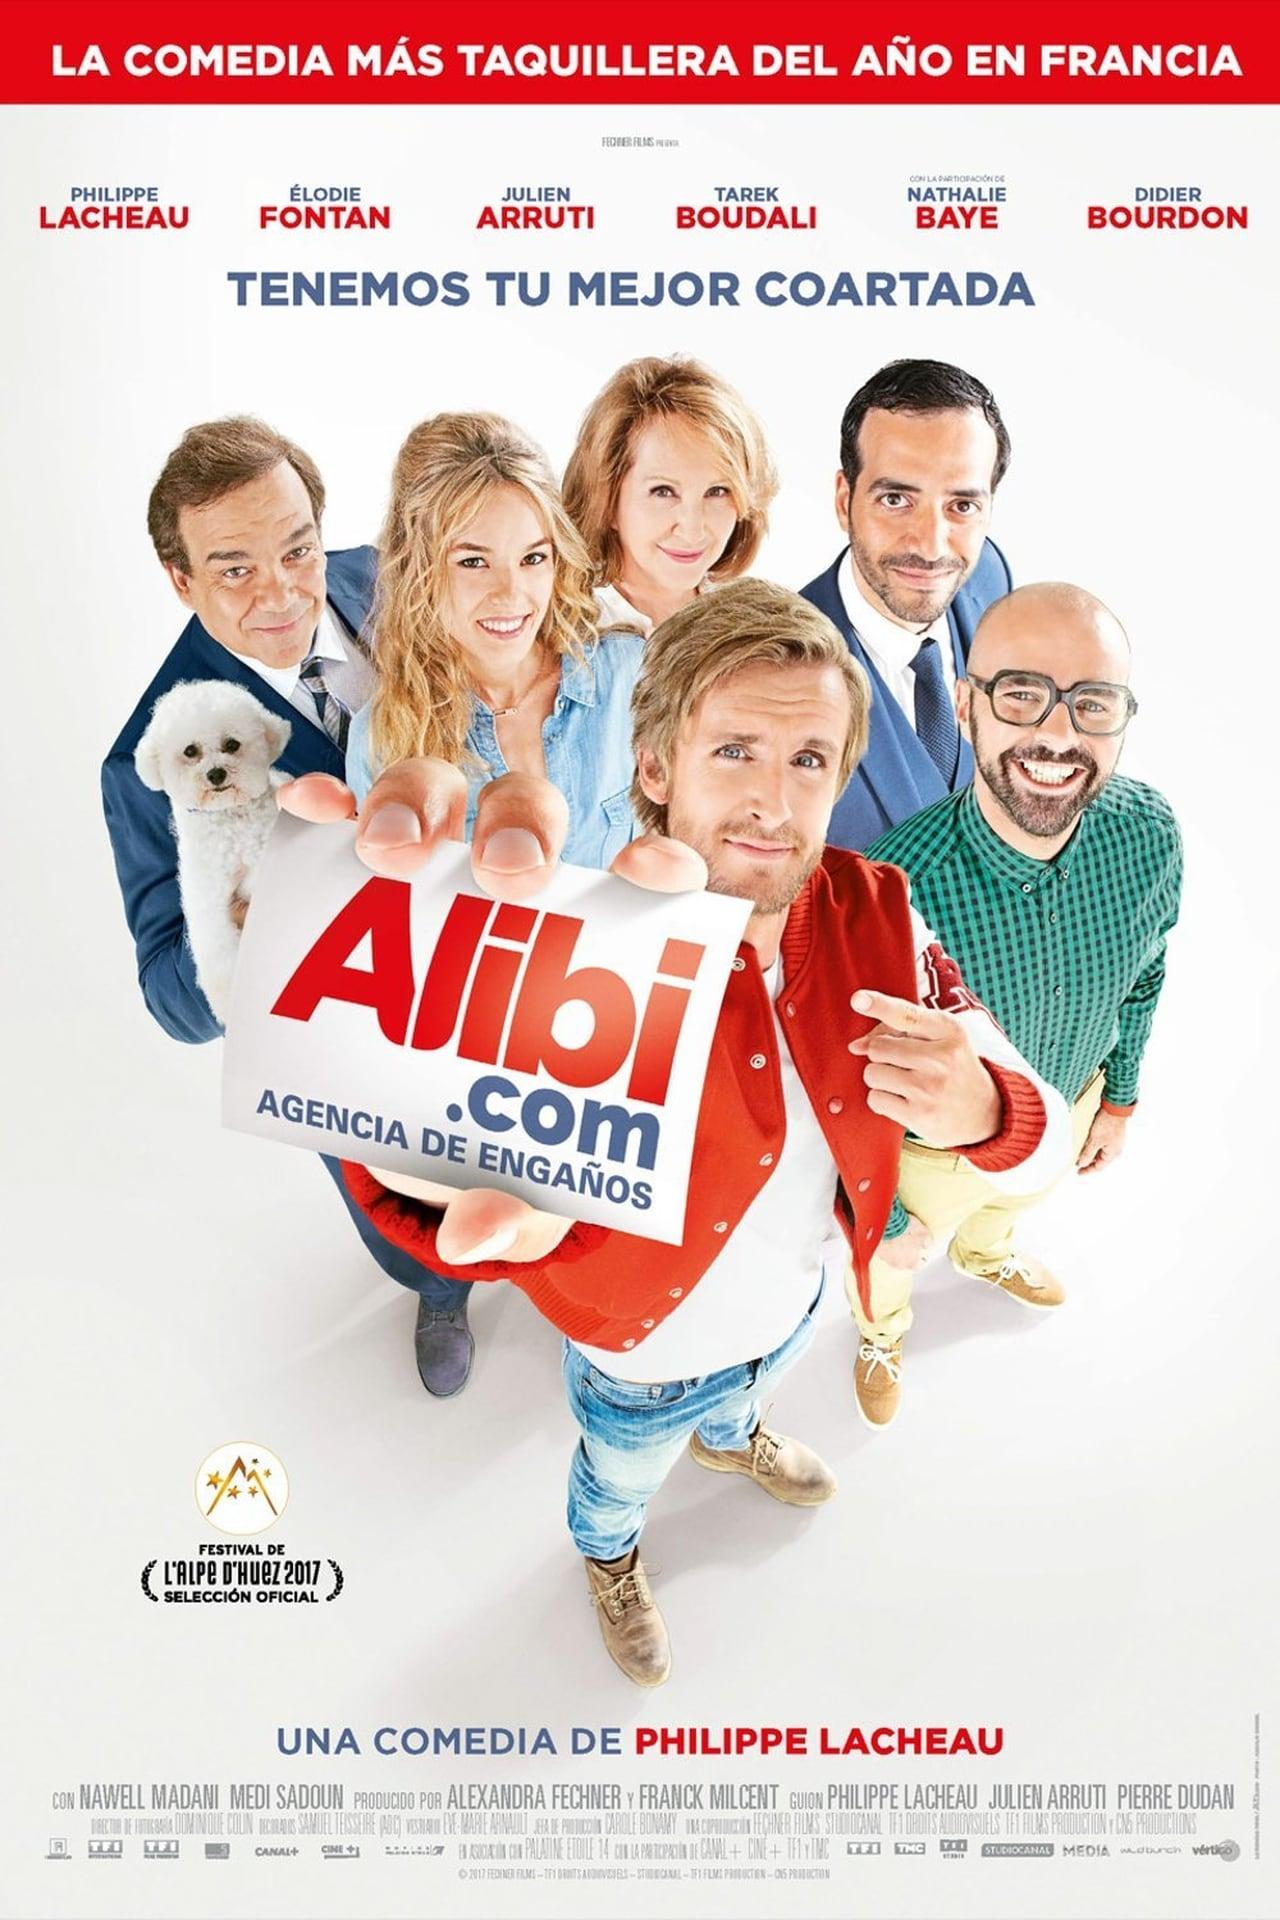 Alibi.com (agencia de engaños) Cómplices.com